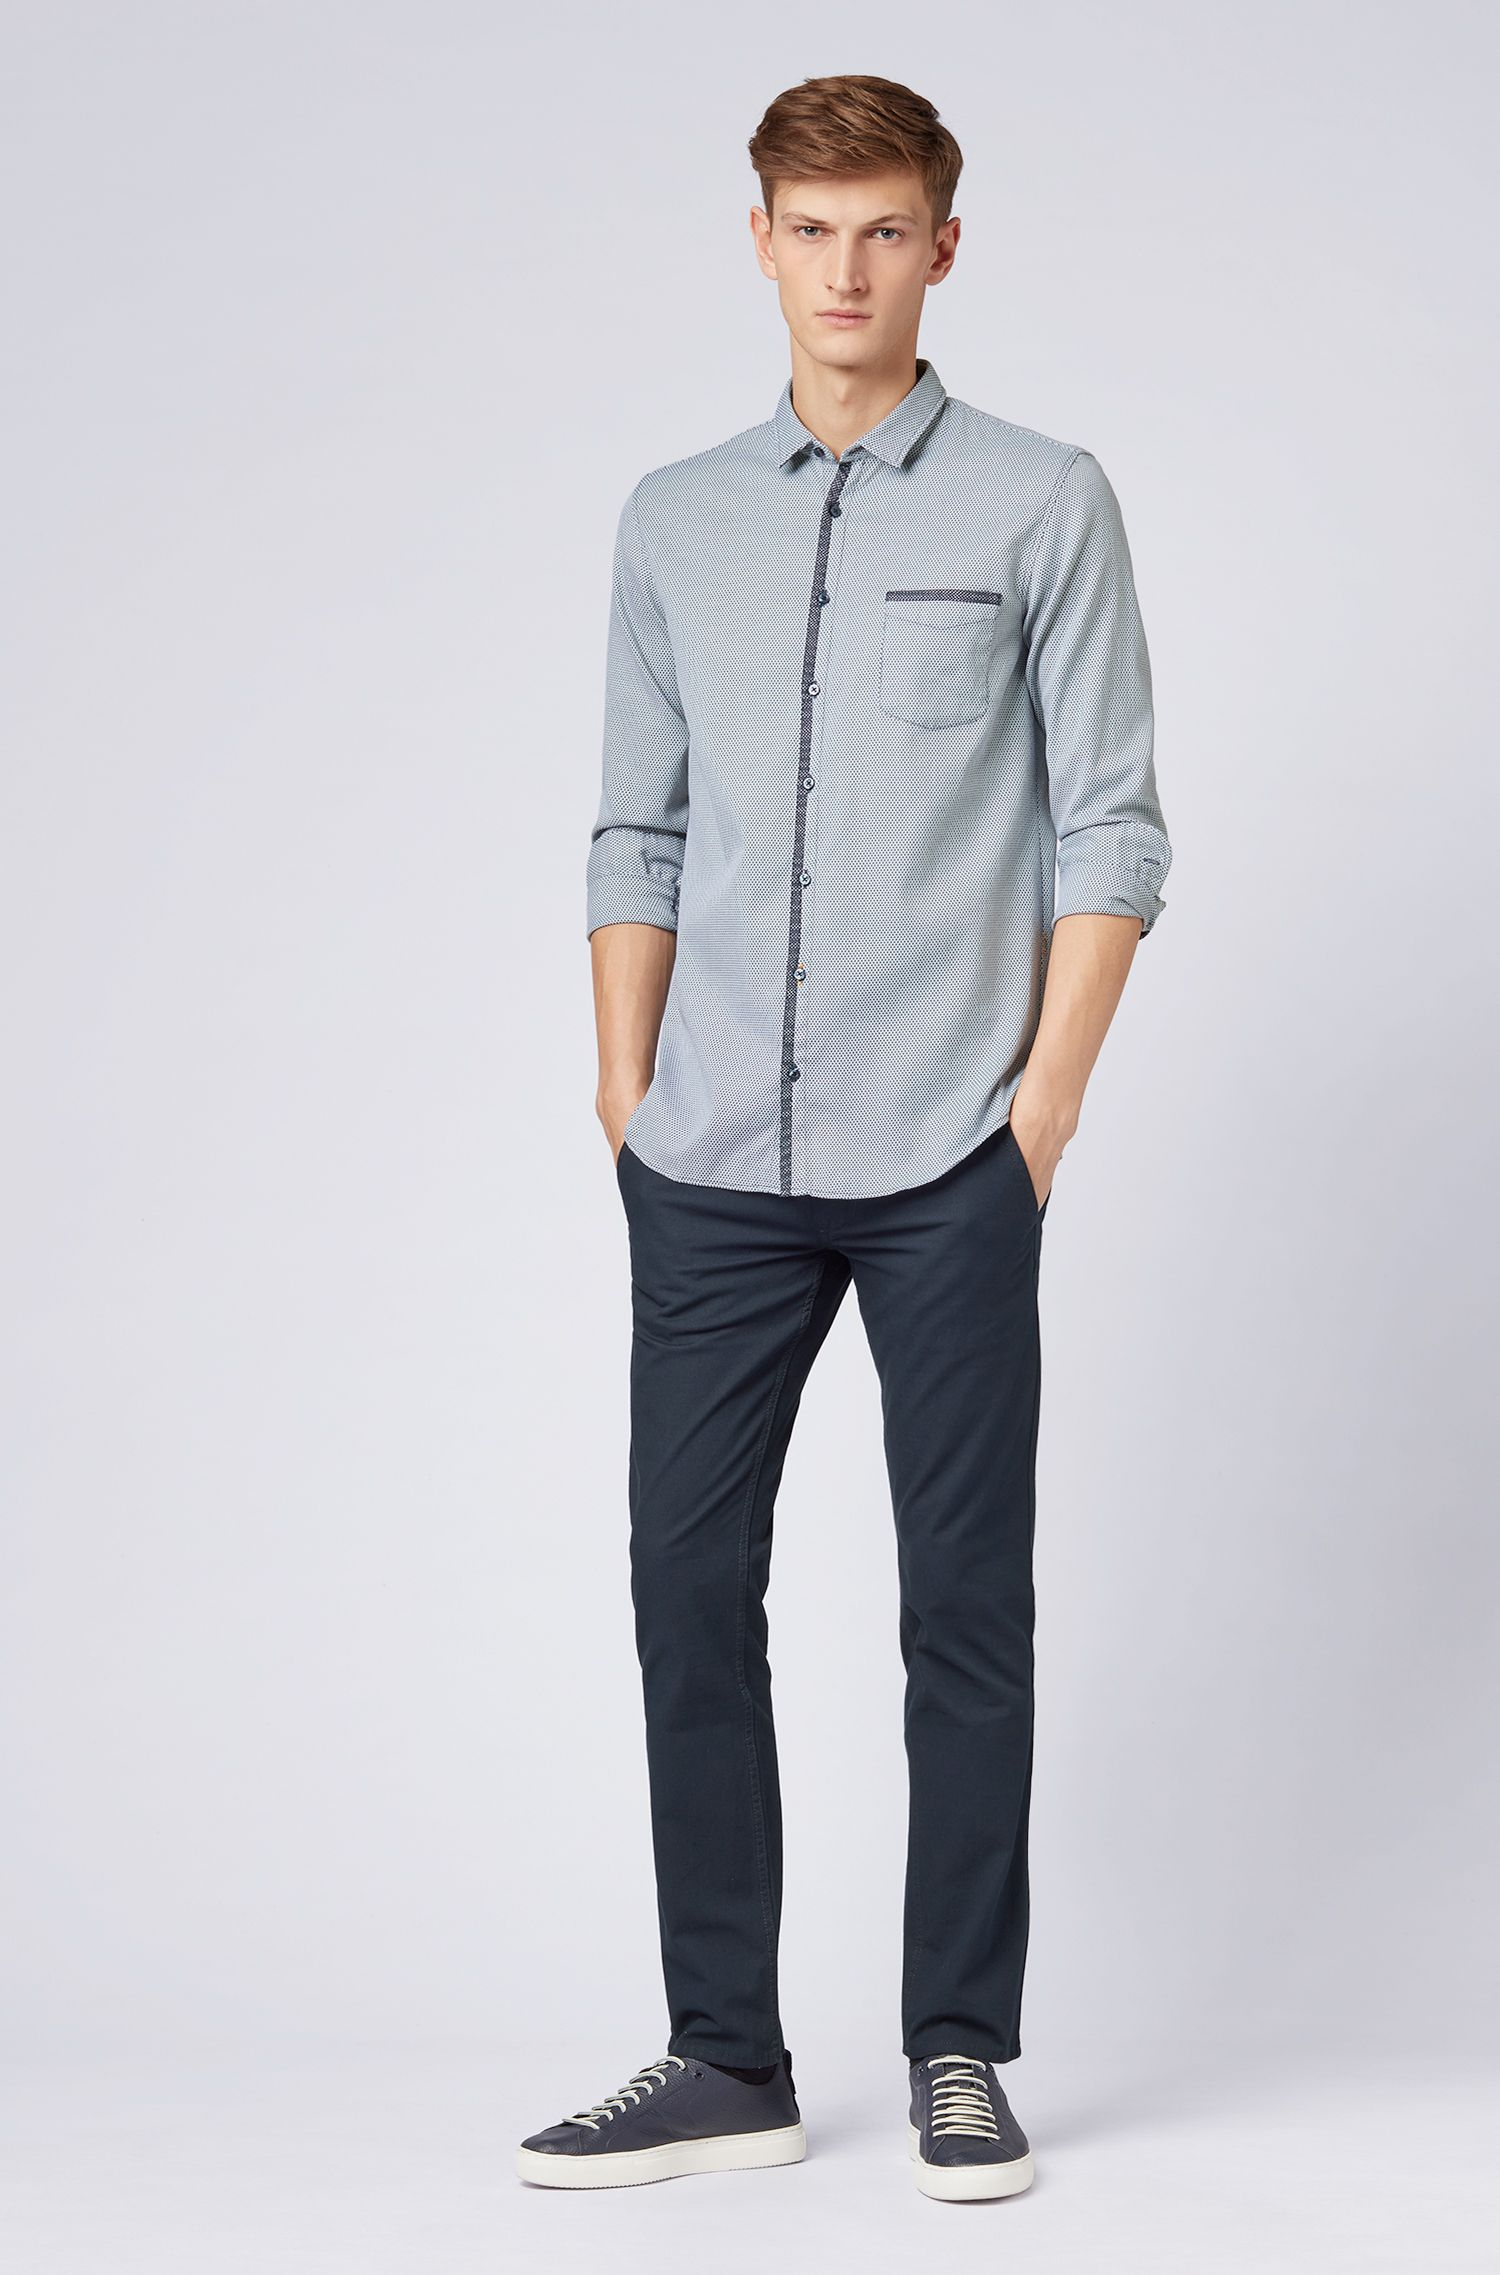 Chemise Slim Fit en coton façonné stretch avec finitions en mesh, Bleu foncé